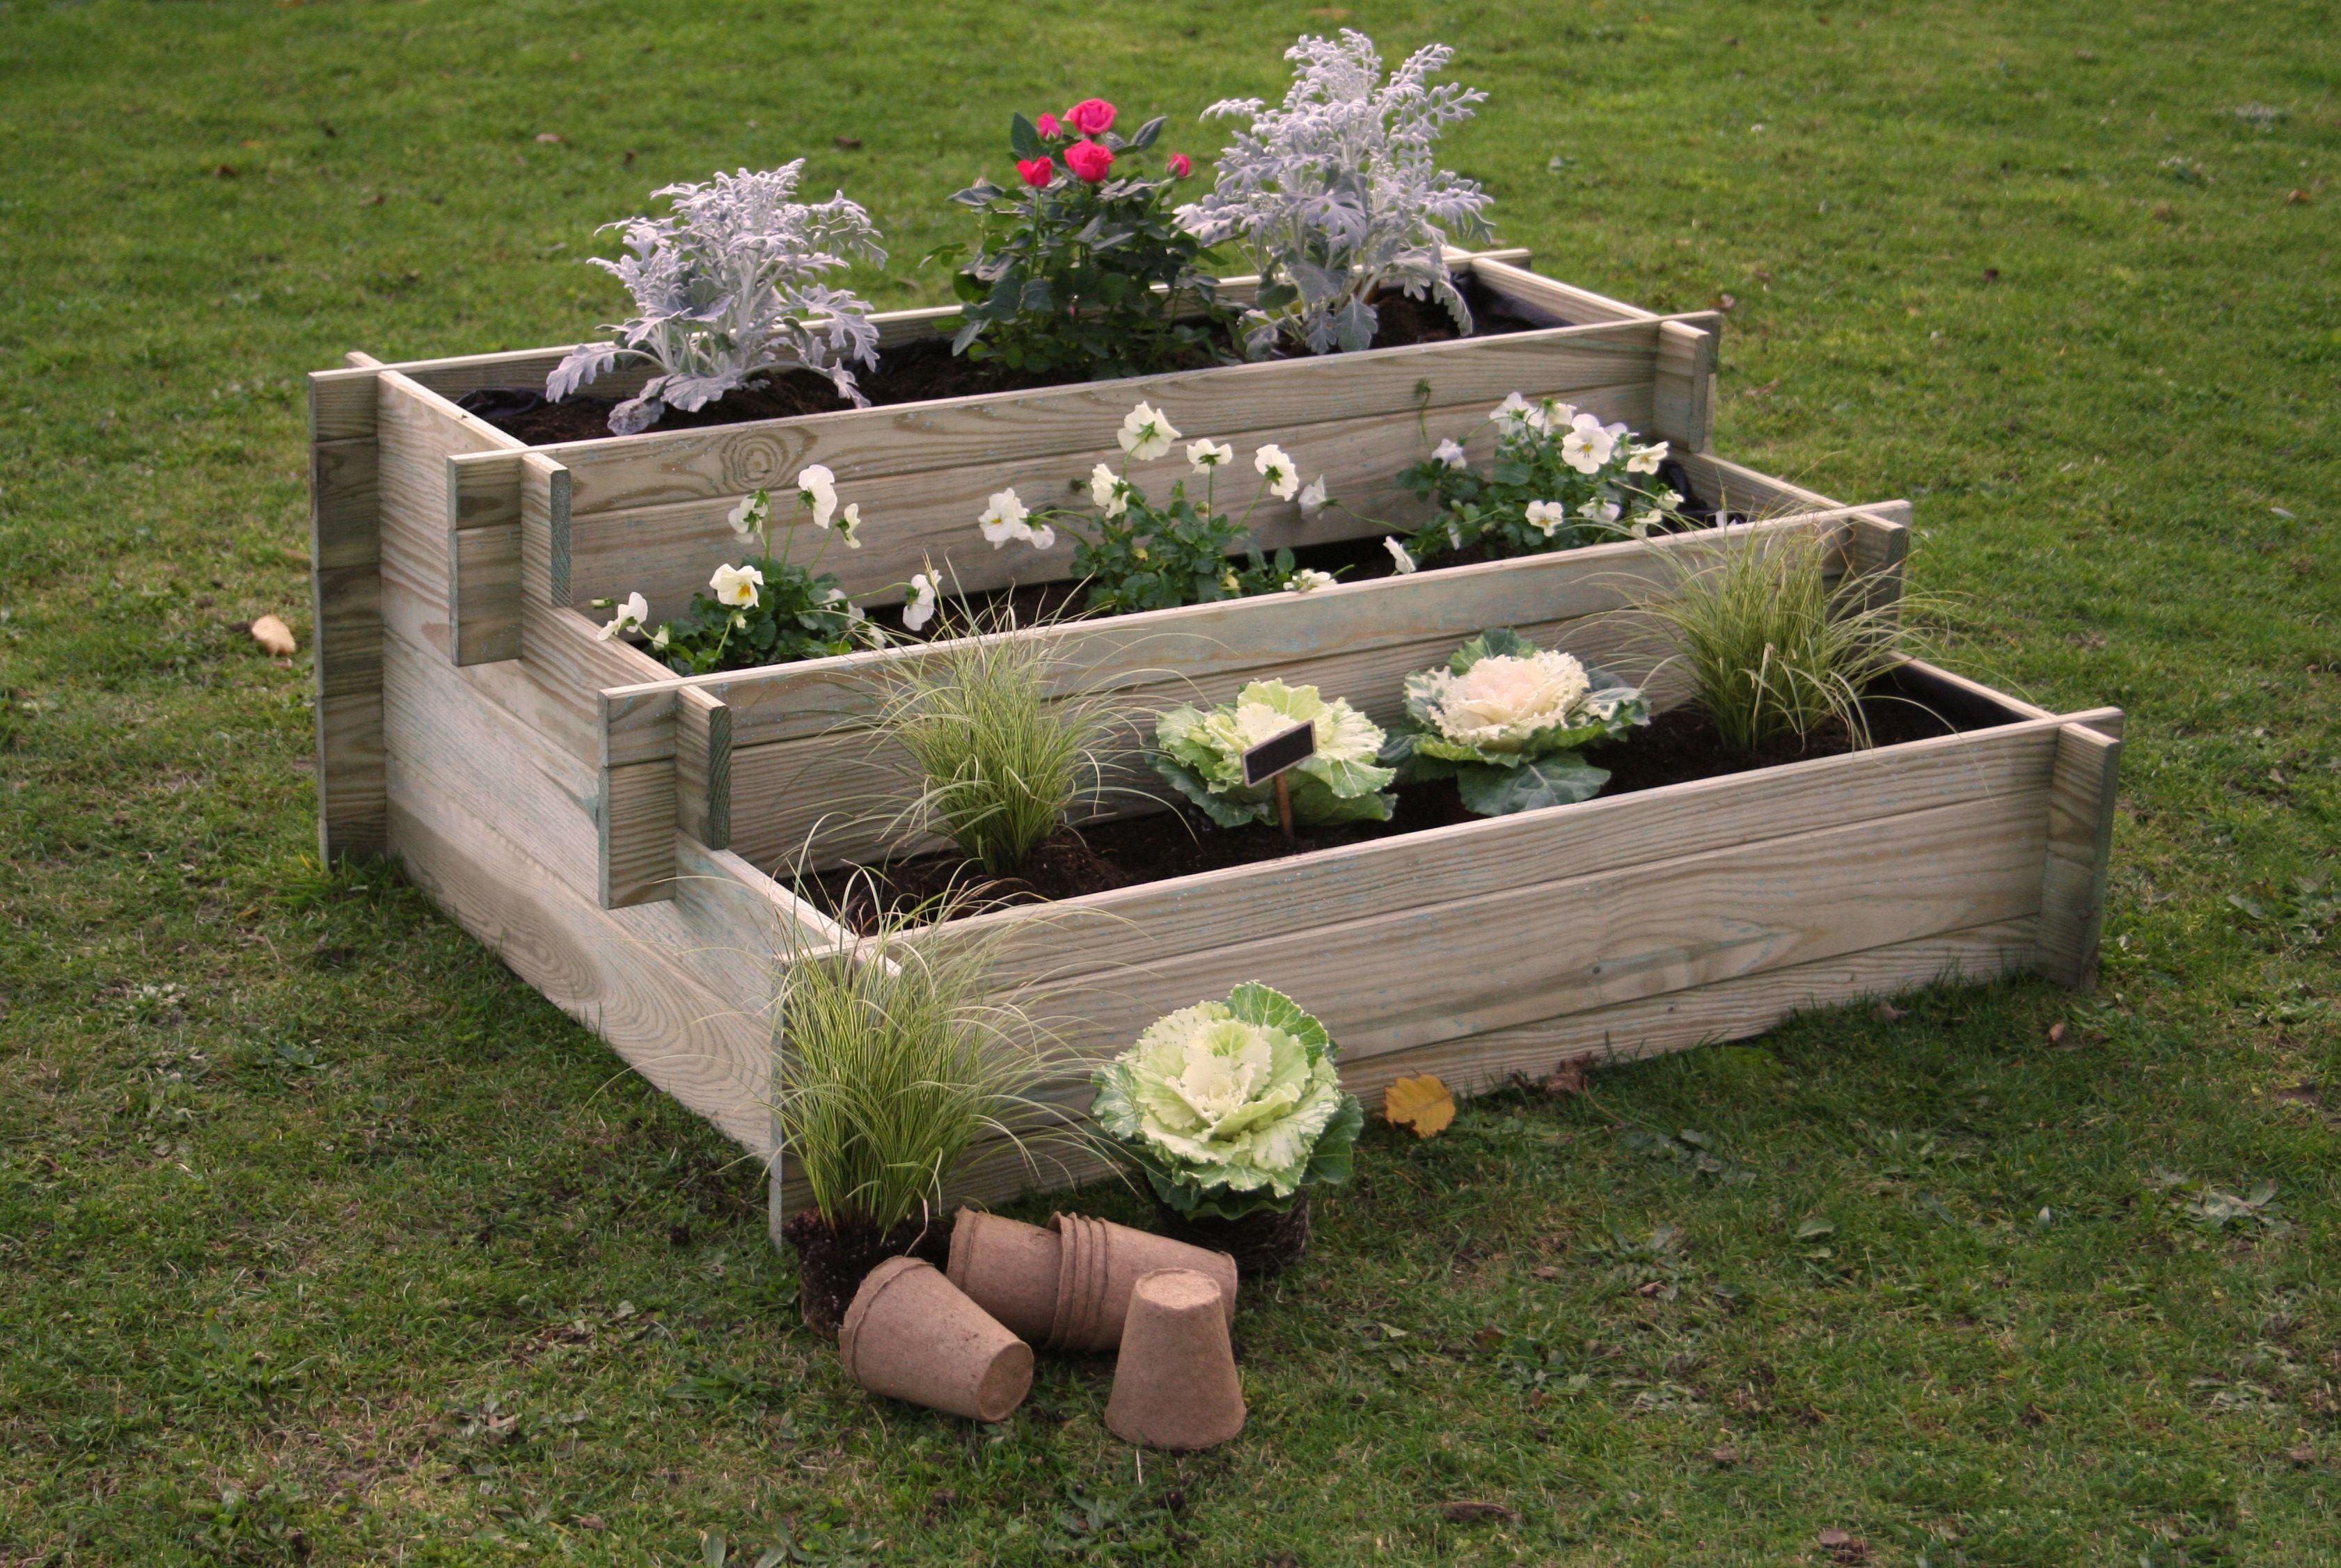 Aki bricolaje jardiner a y decoraci n huerto urbano nikole huerto en escalera con malla - Bricolaje y decoracion ...